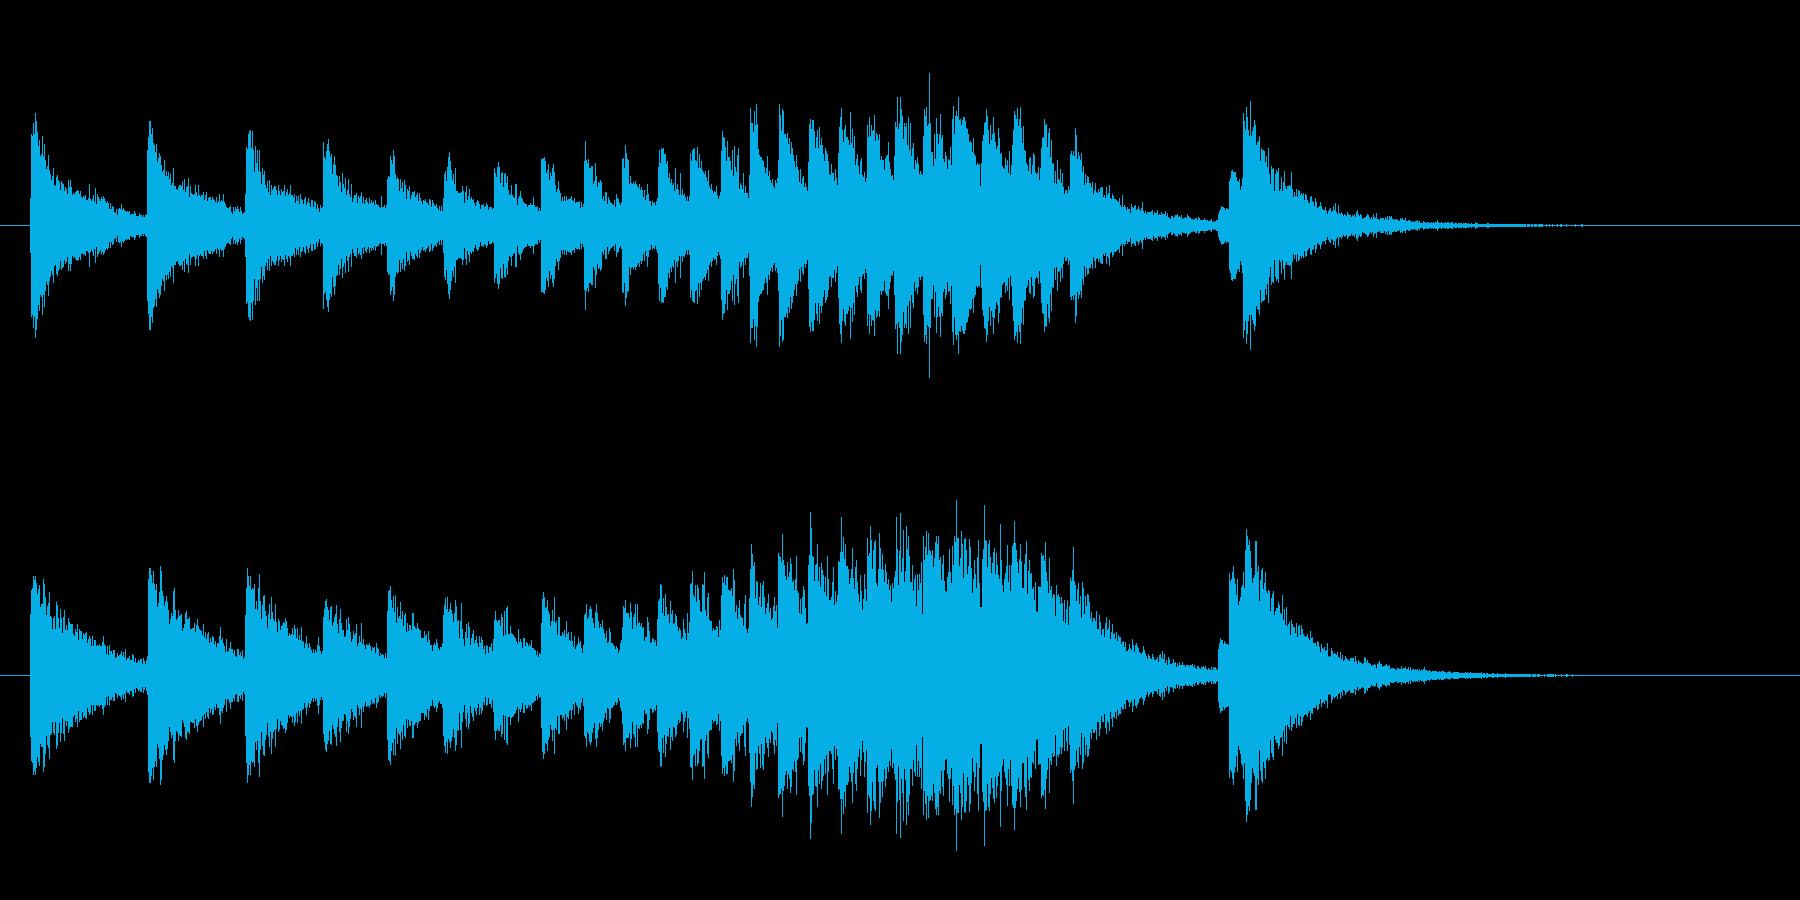 中華、カンフー演武の入場/あおり(前半)の再生済みの波形